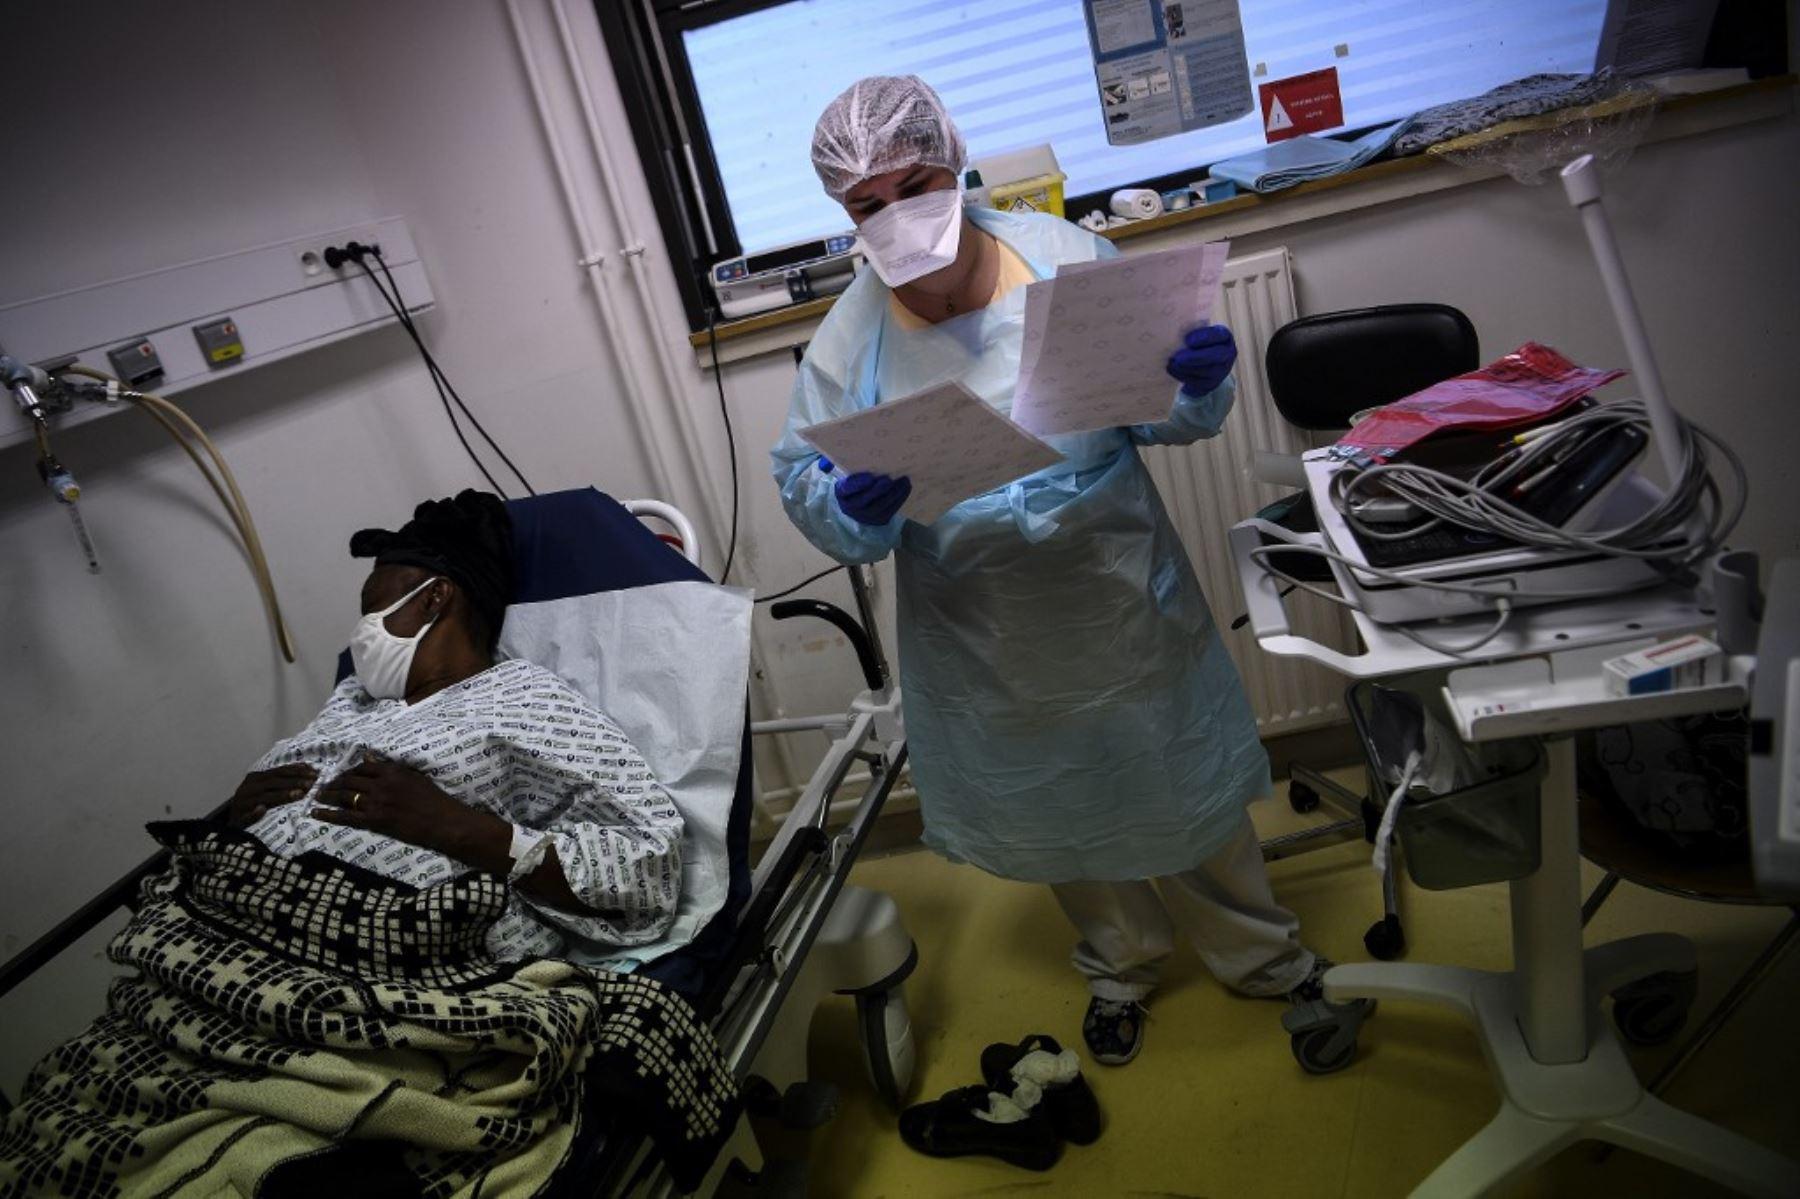 Una enfermera revisa los documentos mientras está de pie junto a una mujer que yace en una cama y se sospecha que está infectada con Covid-19 en el servicio de emergencia del hospital Andre Gregoire en Montreuil, al este de París. Foto: AFP